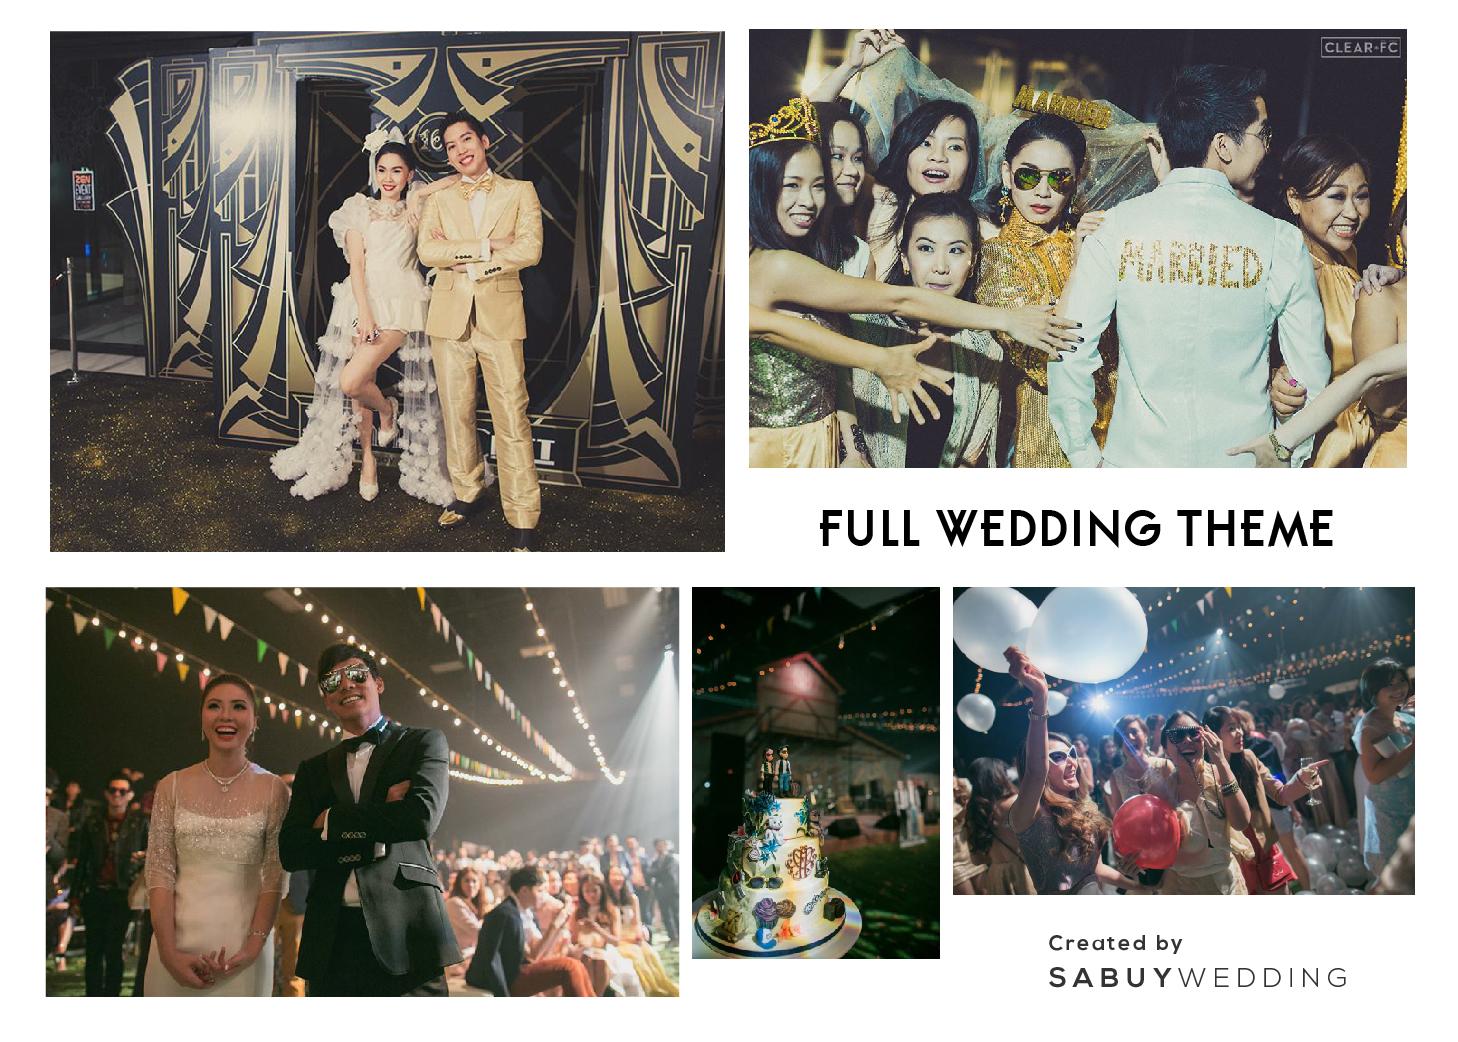 งานแต่งงาน,ธีมงานแต่ง,งานเลี้ยง,สถานที่แต่งงาน,สถานที่จัดงานแต่งงาน,ตกแต่งงานแต่ง,แบคดรอป,พร๊อพ,backdrop งานแต่ง,เค้กงานแต่ง,เจ้าบ่าว,เจ้าสาว,เพื่อนเจ้าสาว 5 เทรนด์จัดงานแต่งสไตล์บ่าวสาวGen Y